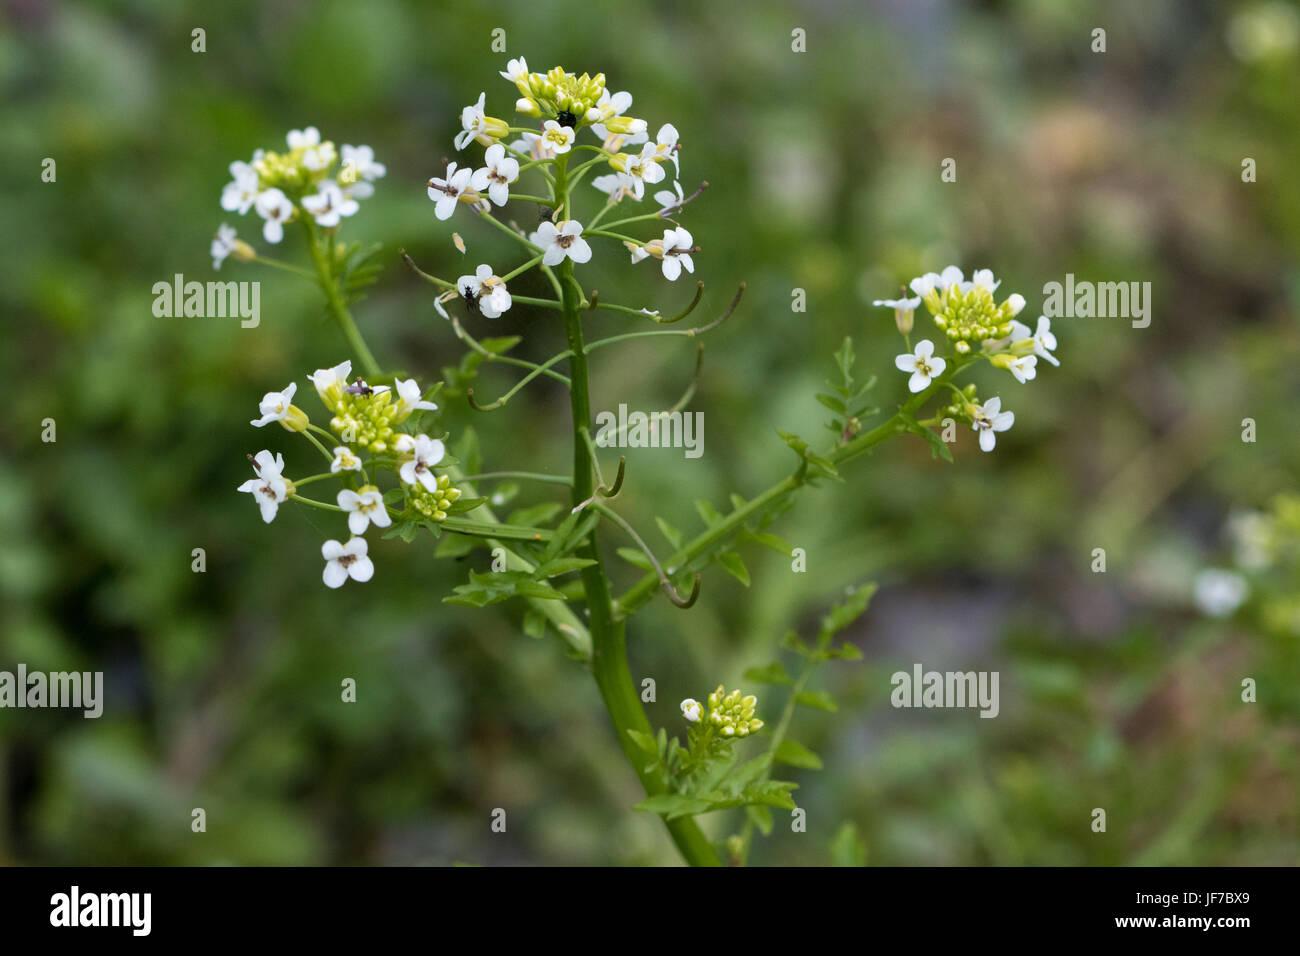 Water-cress (Rorippa nasturtium-aquaticum) flowers Stock Photo